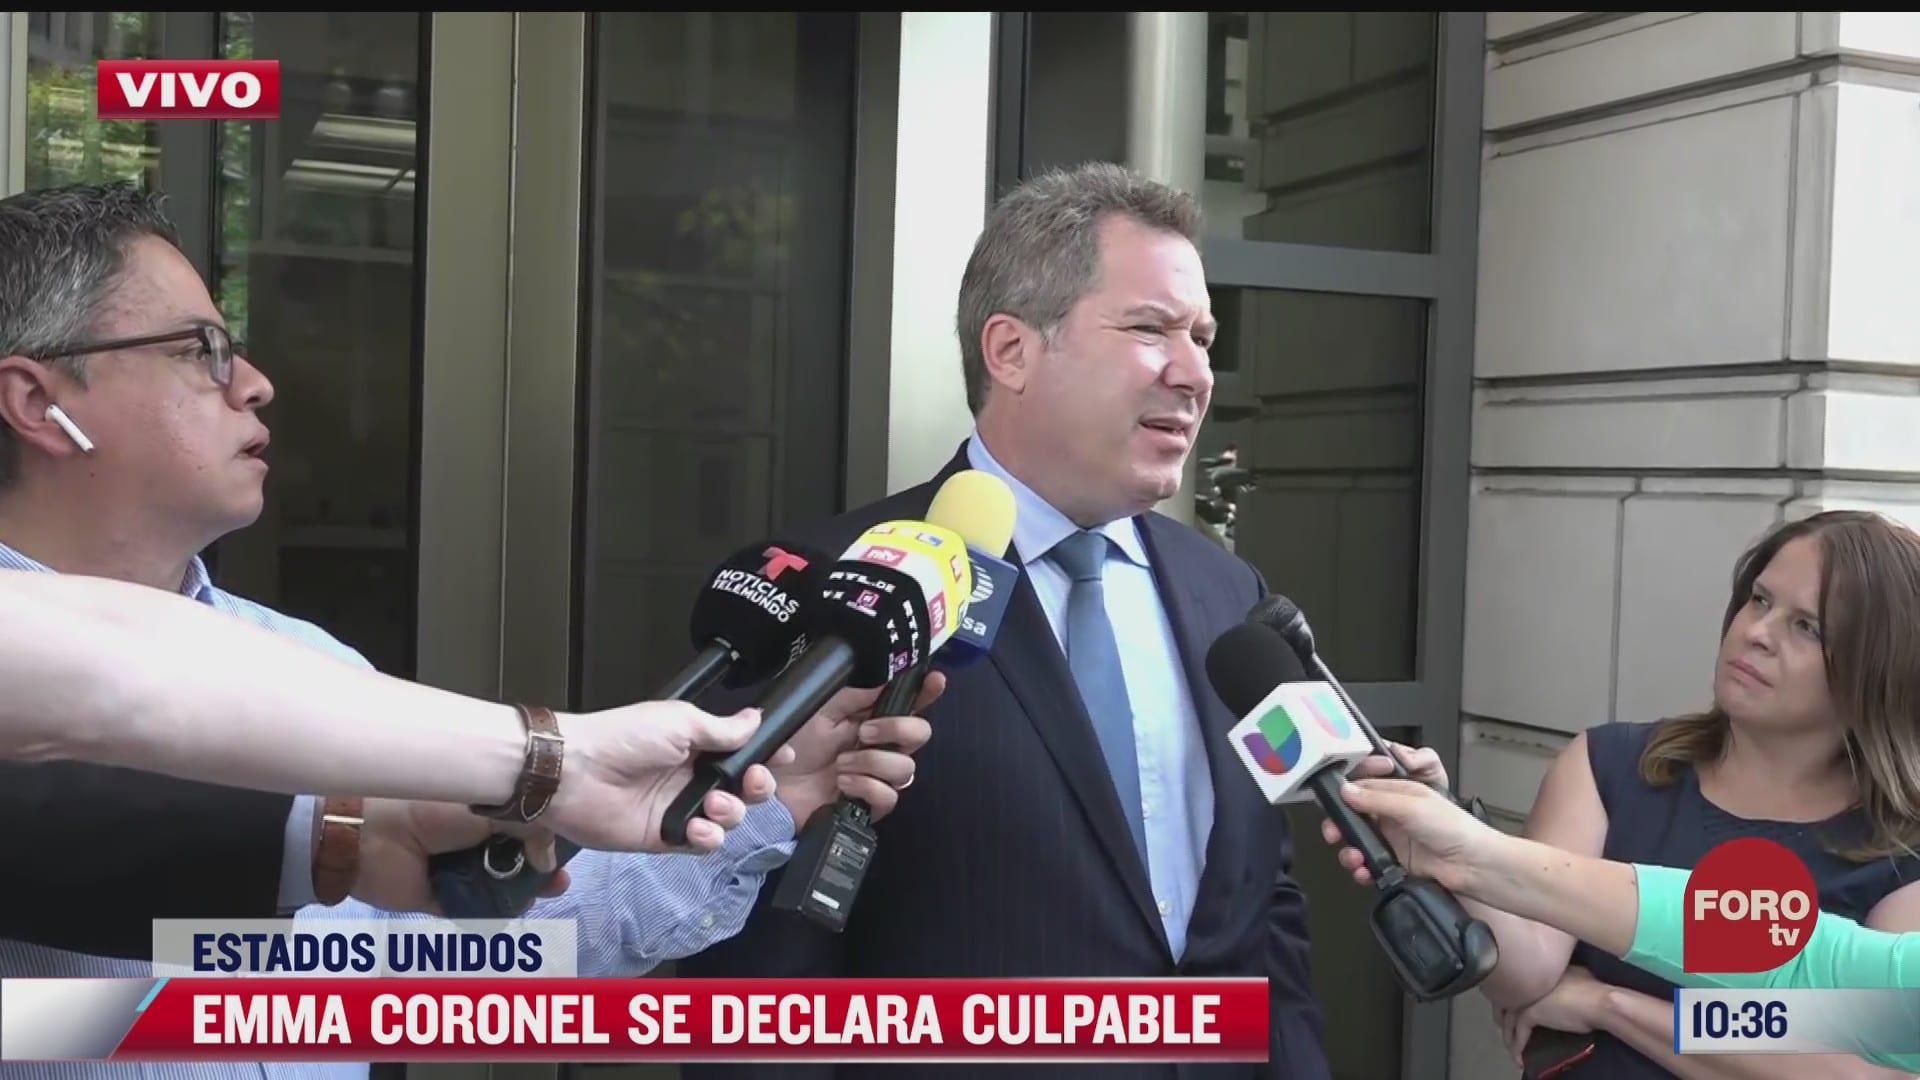 emma coronel satisfecha con proceso en eeuu dice abogado